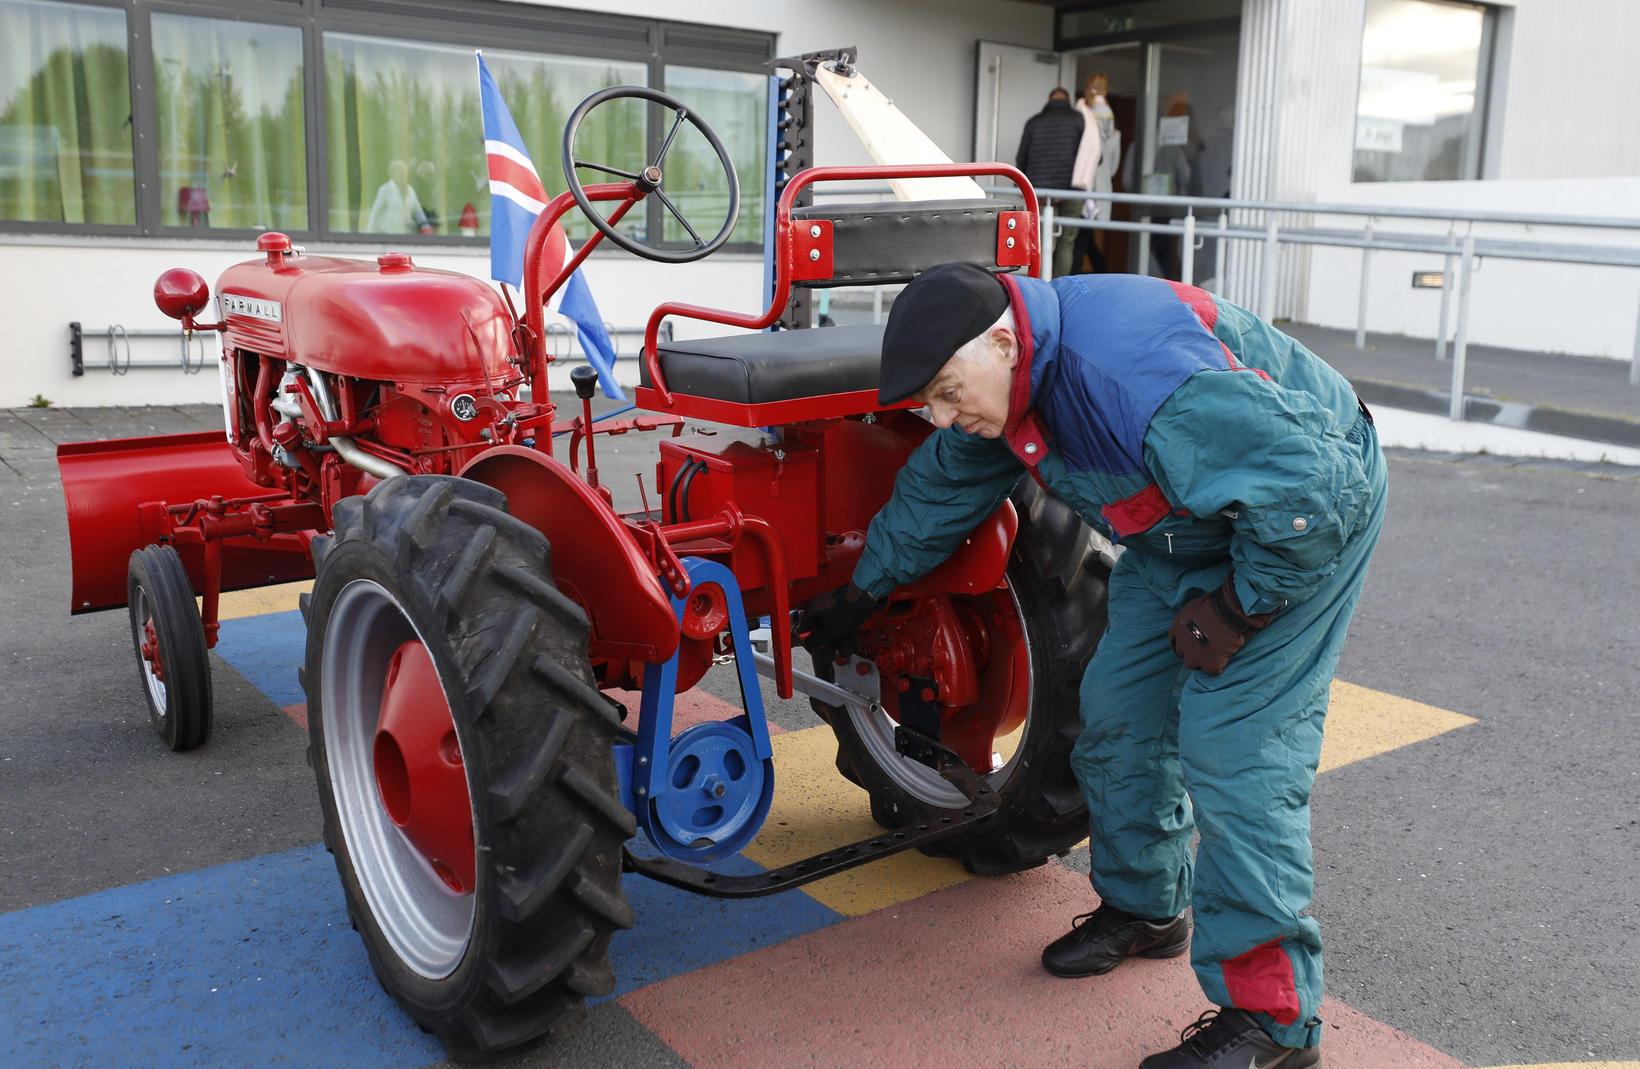 Sigurjón Einarsson mætti á traktor á kjörstað í Breiðagerðisskóla þegar …